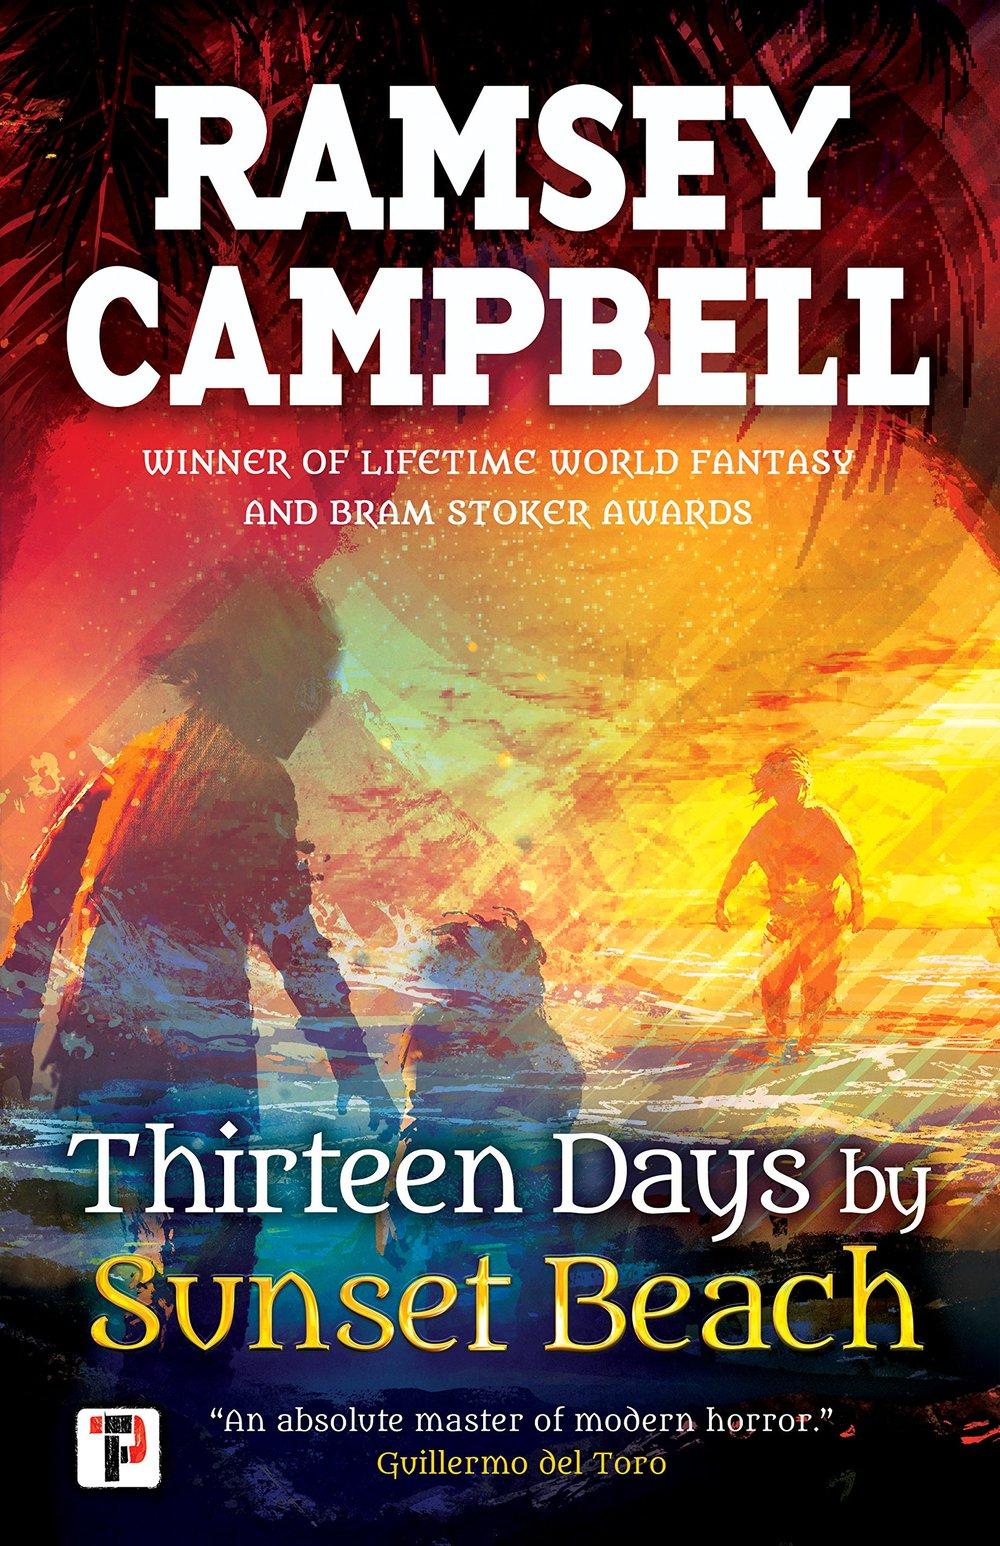 Thirteen Days by Sunset Beach_Ramsey Campbell.jpg